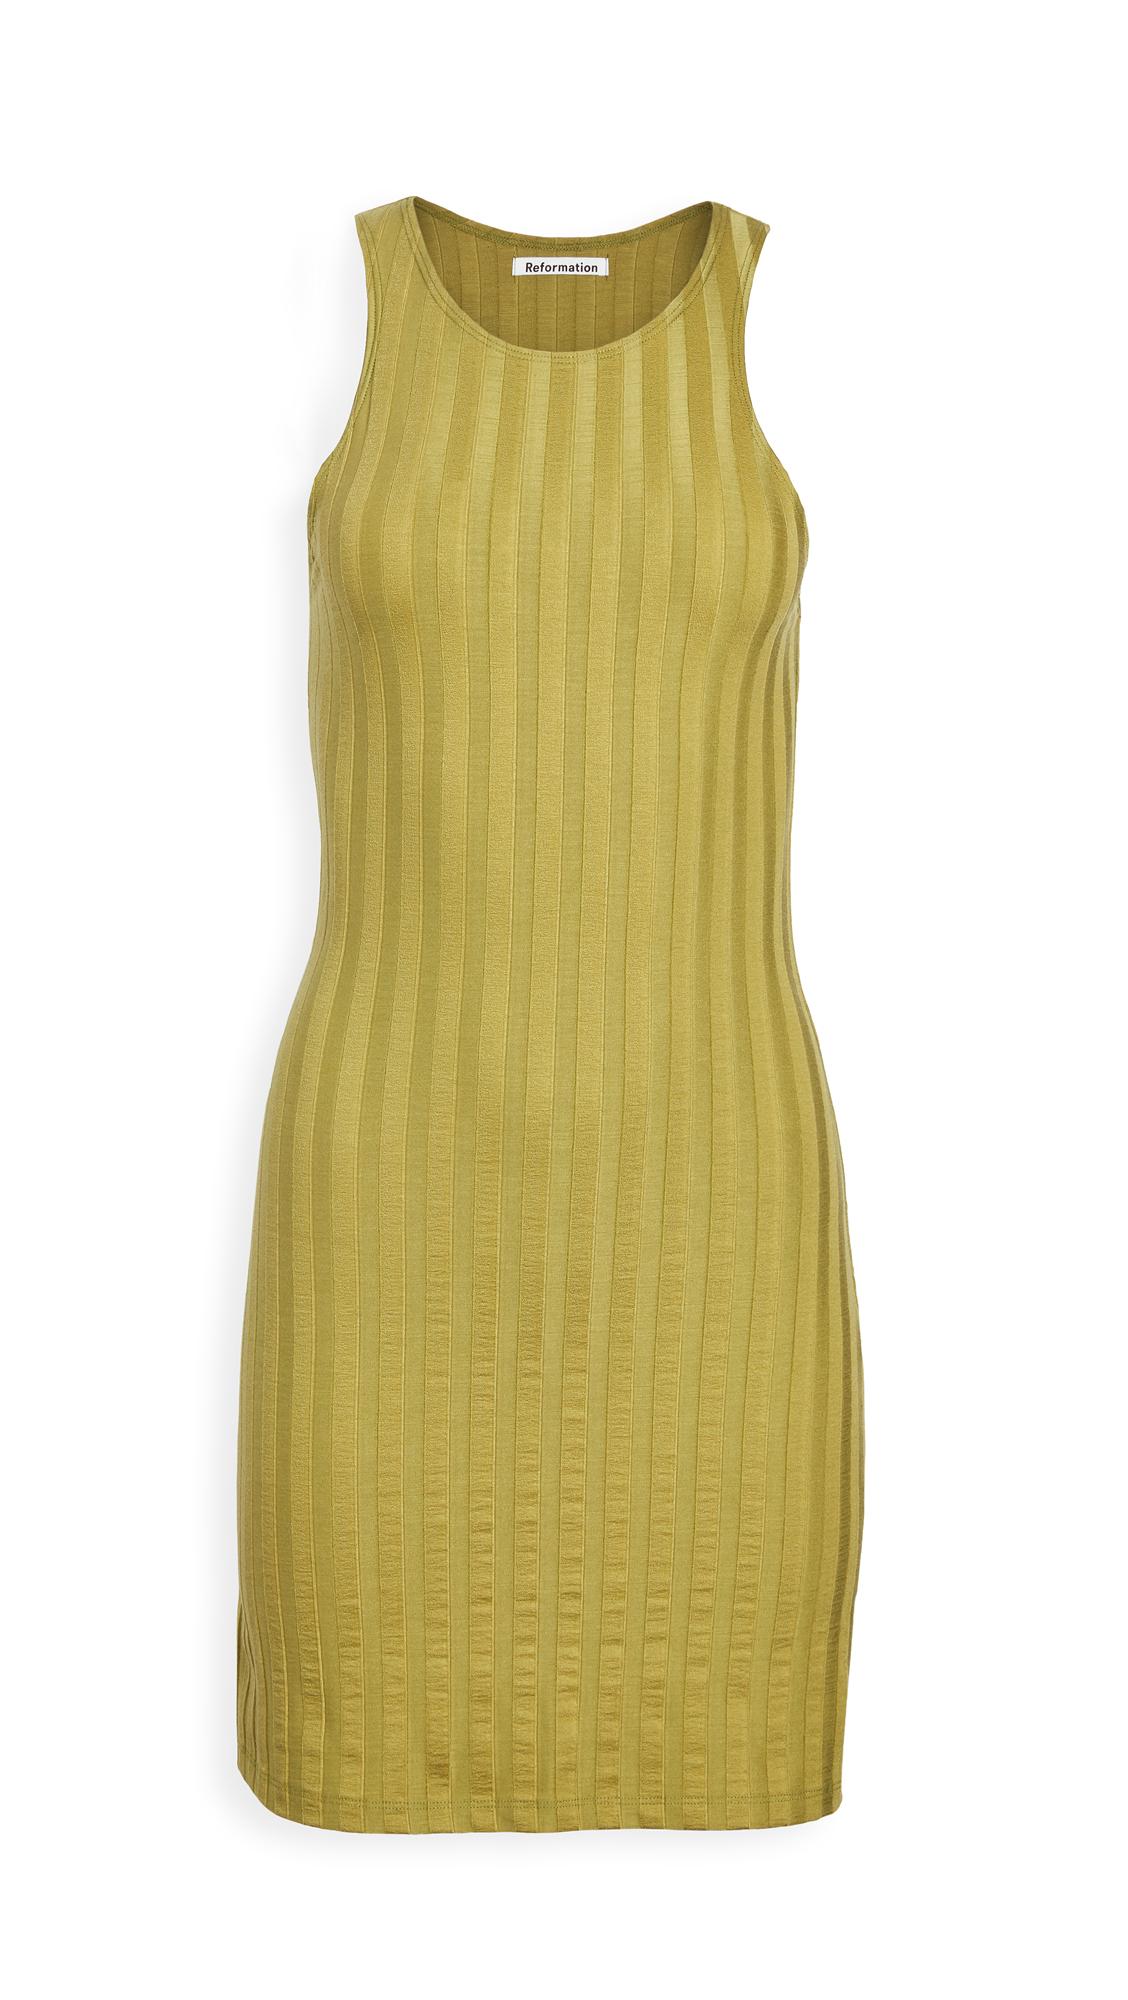 Reformation Mel Dress - 30% Off Sale